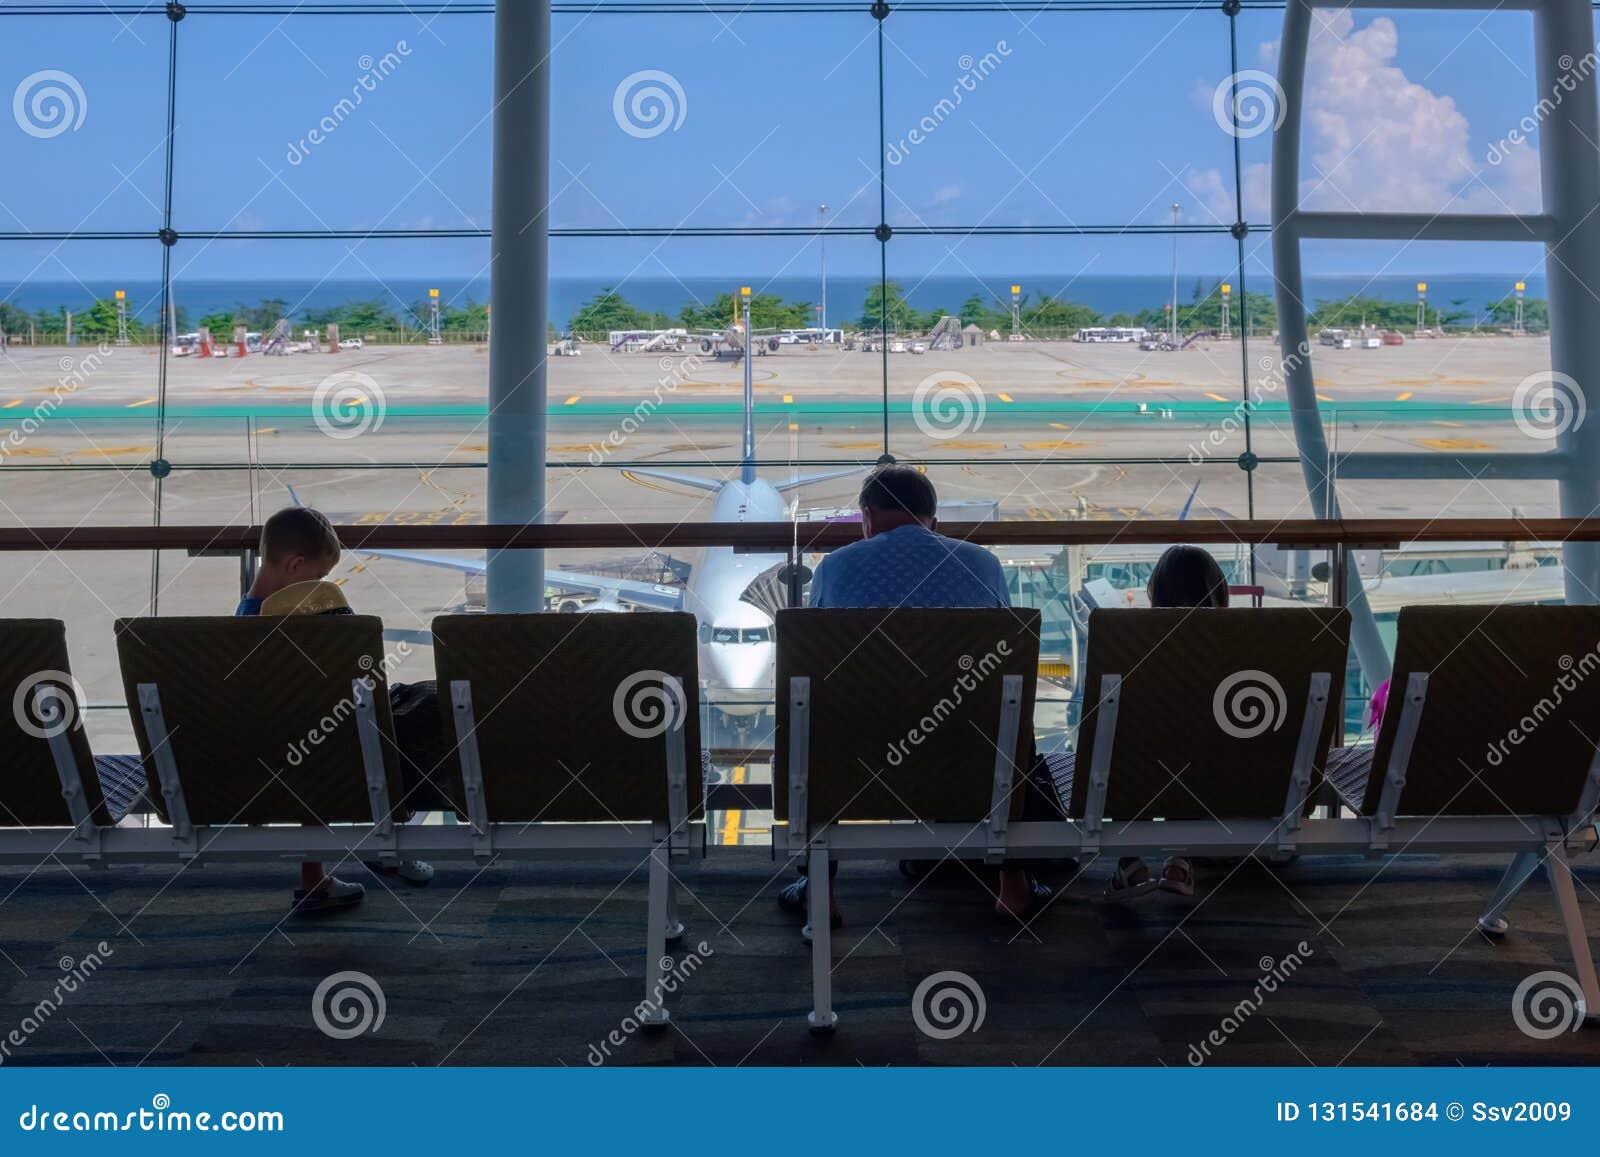 Thailand Phuket - 09 05 18 Familj, man och ungar som sitter och väntar tillsammans i flygplatsen för avvikelse